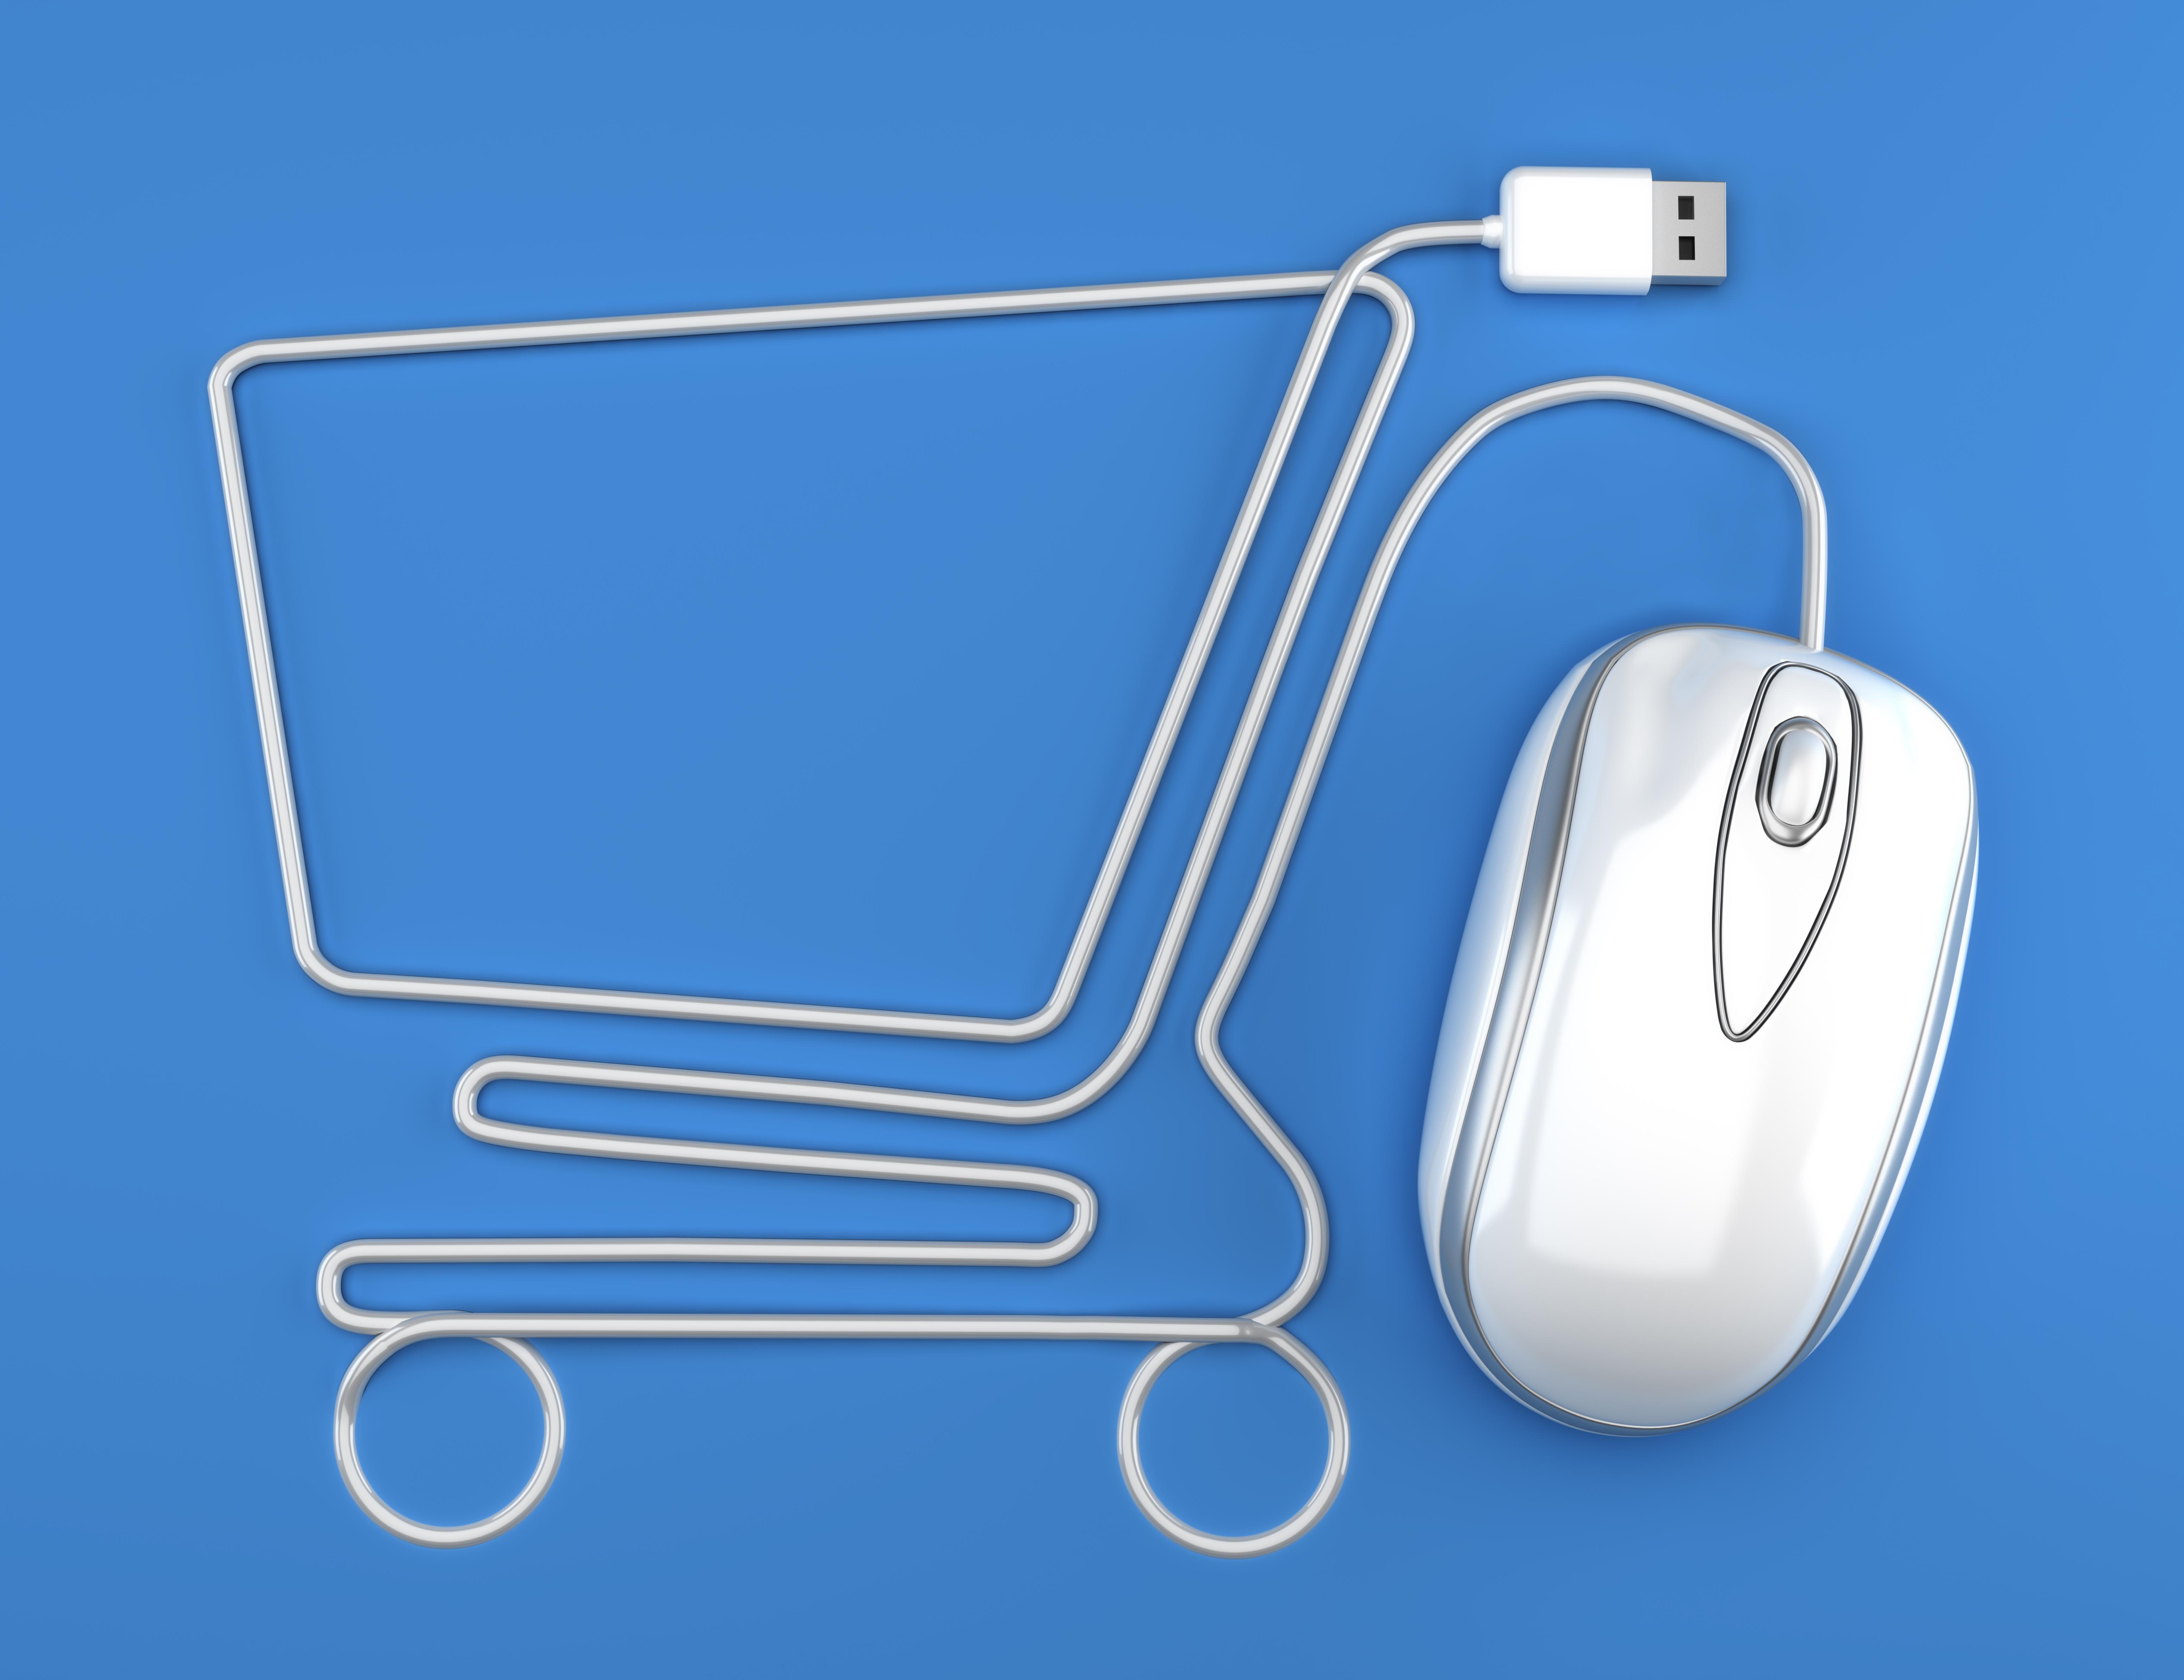 Najlepsze praktyki w E-commerce, czyli dlaczego w e-sklepie potrzebny jest mechanizm zwrotów?